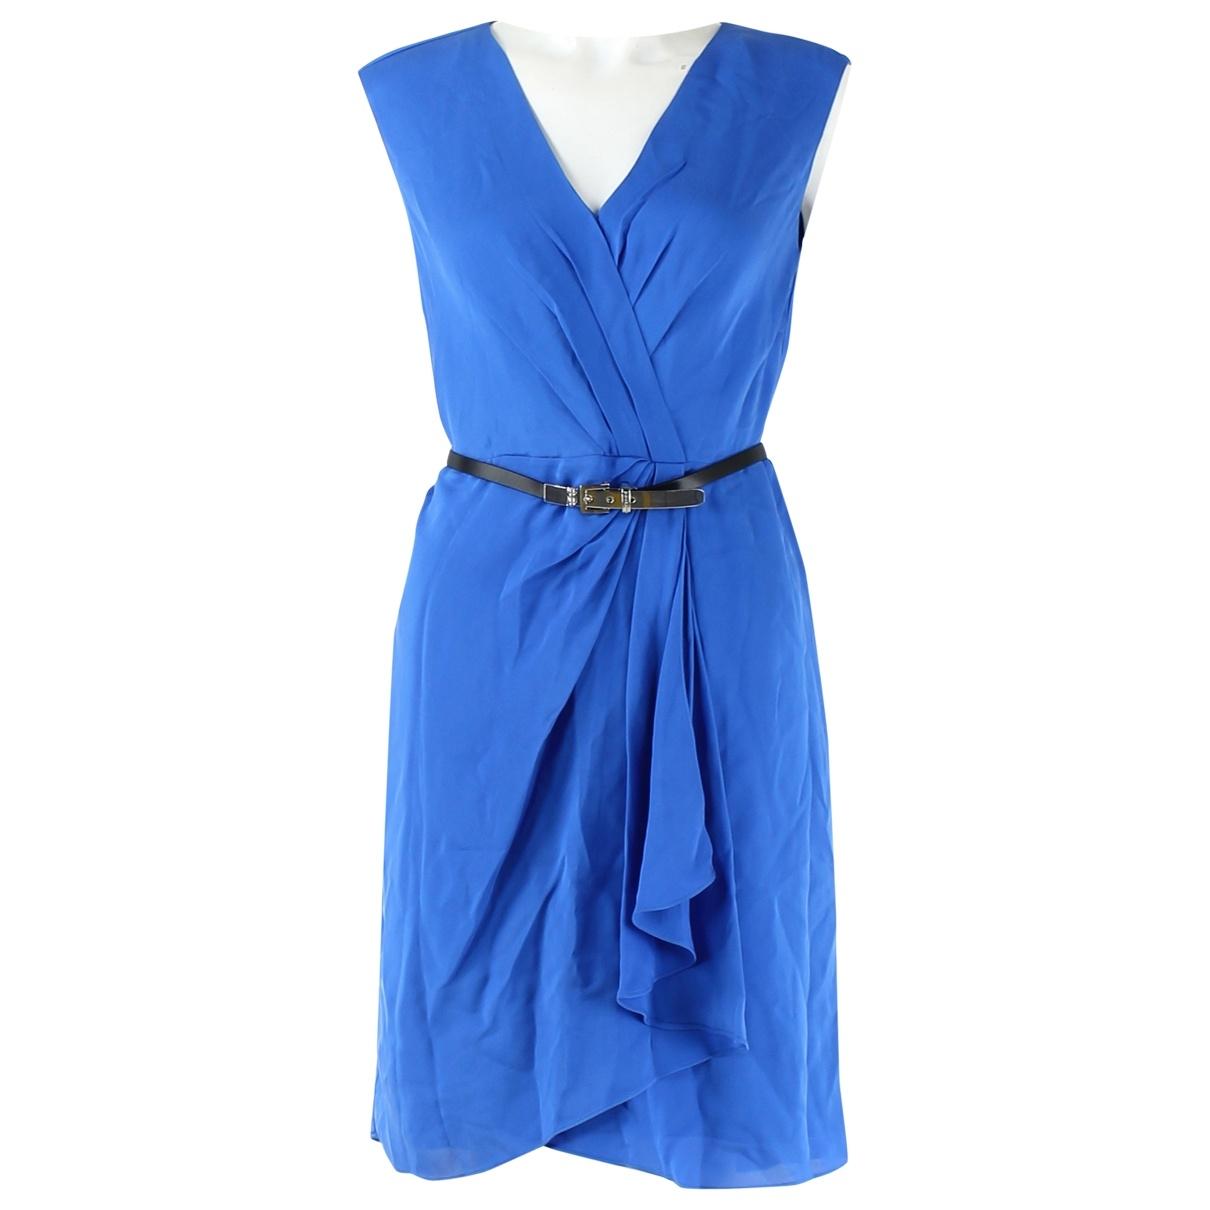 Alexander Mcqueen \N Kleid in  Blau Synthetik